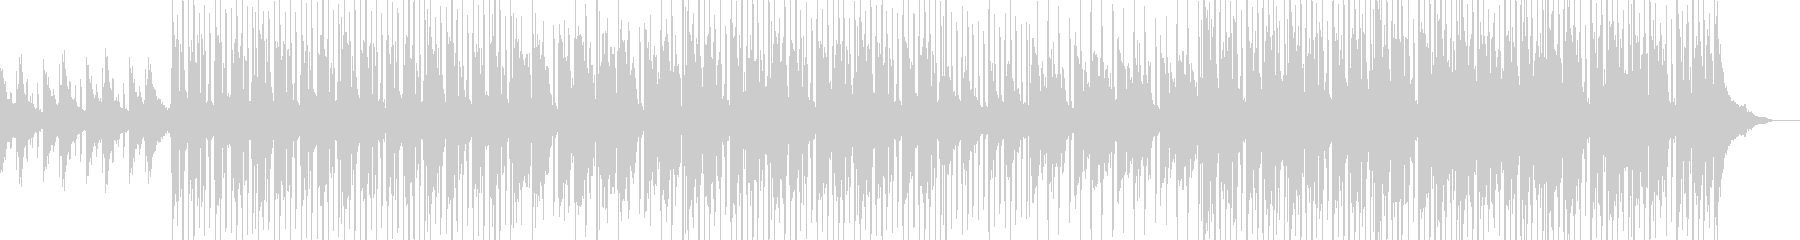 ミディアムテンポの爽やかなピアノサウンドの未再生の波形